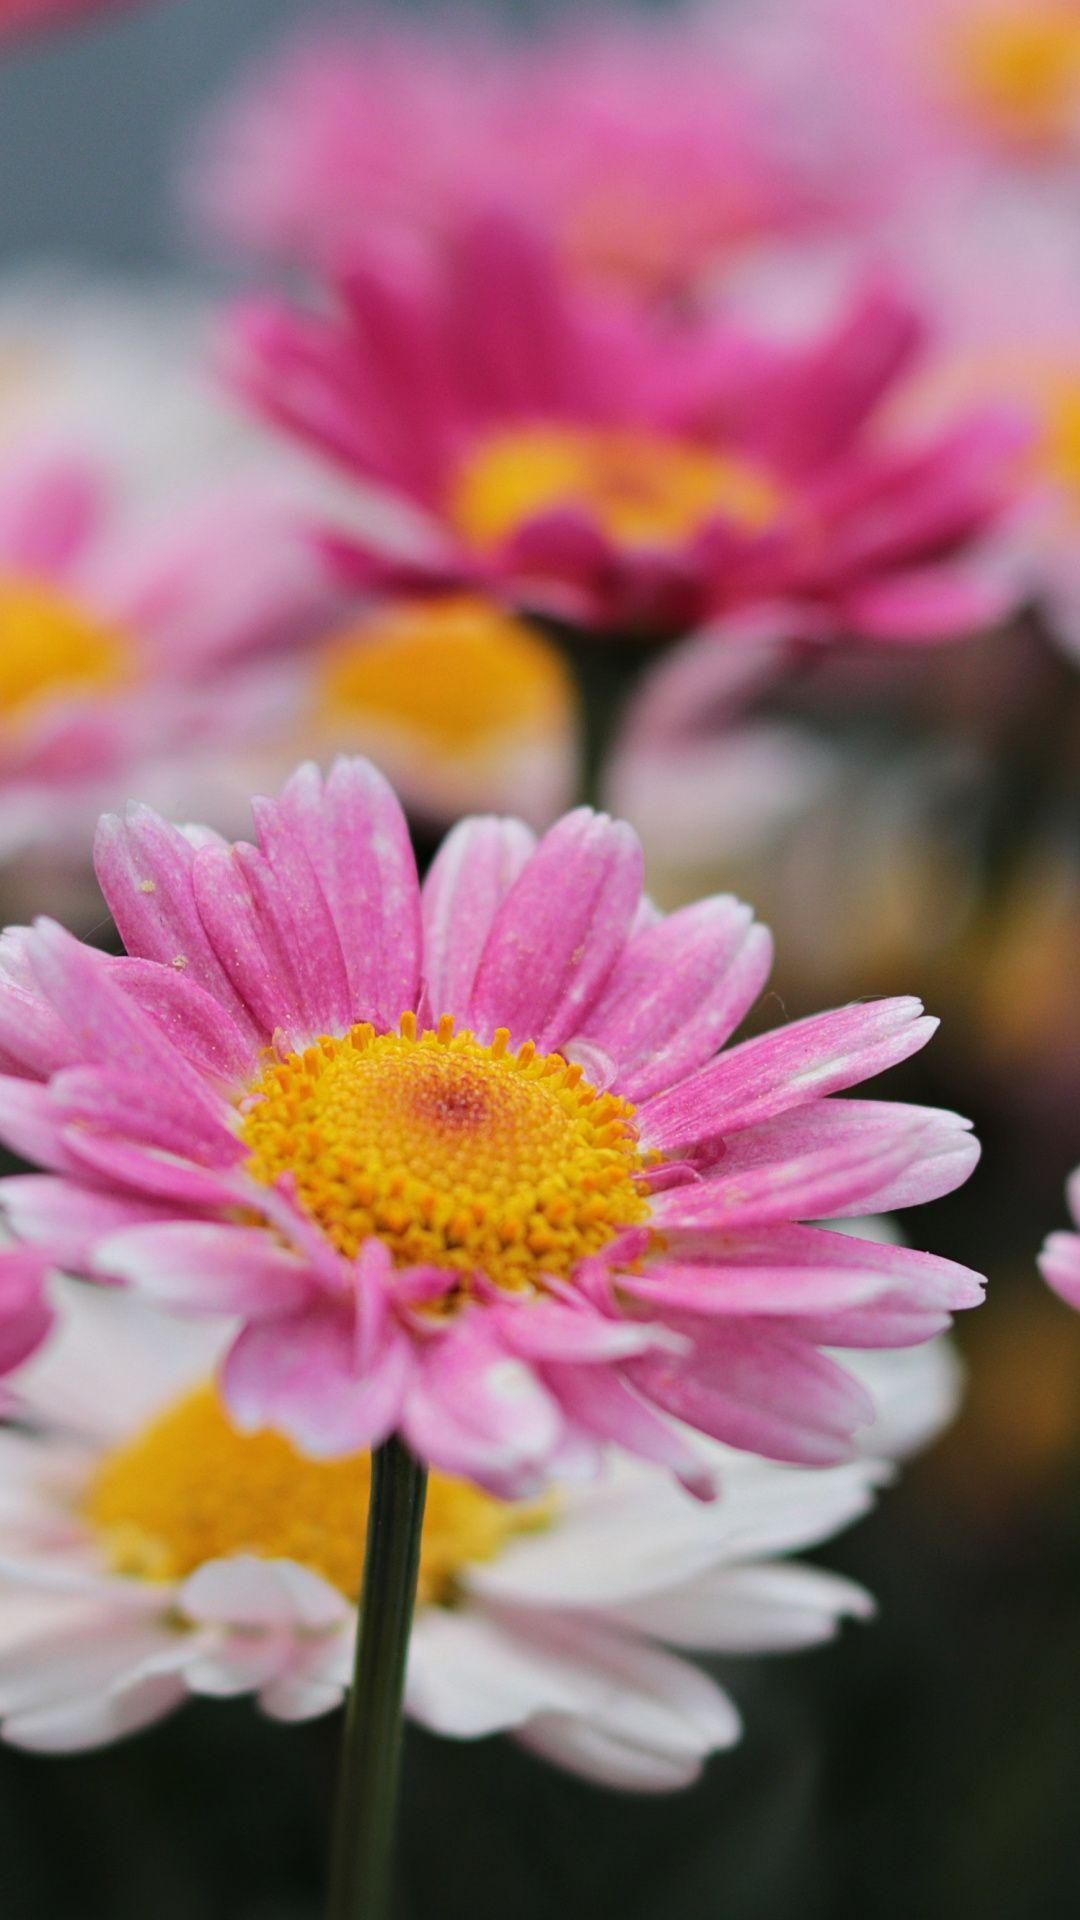 Flowers Meadow Pink Bloom Daisy Wallpaper Flower Iphone